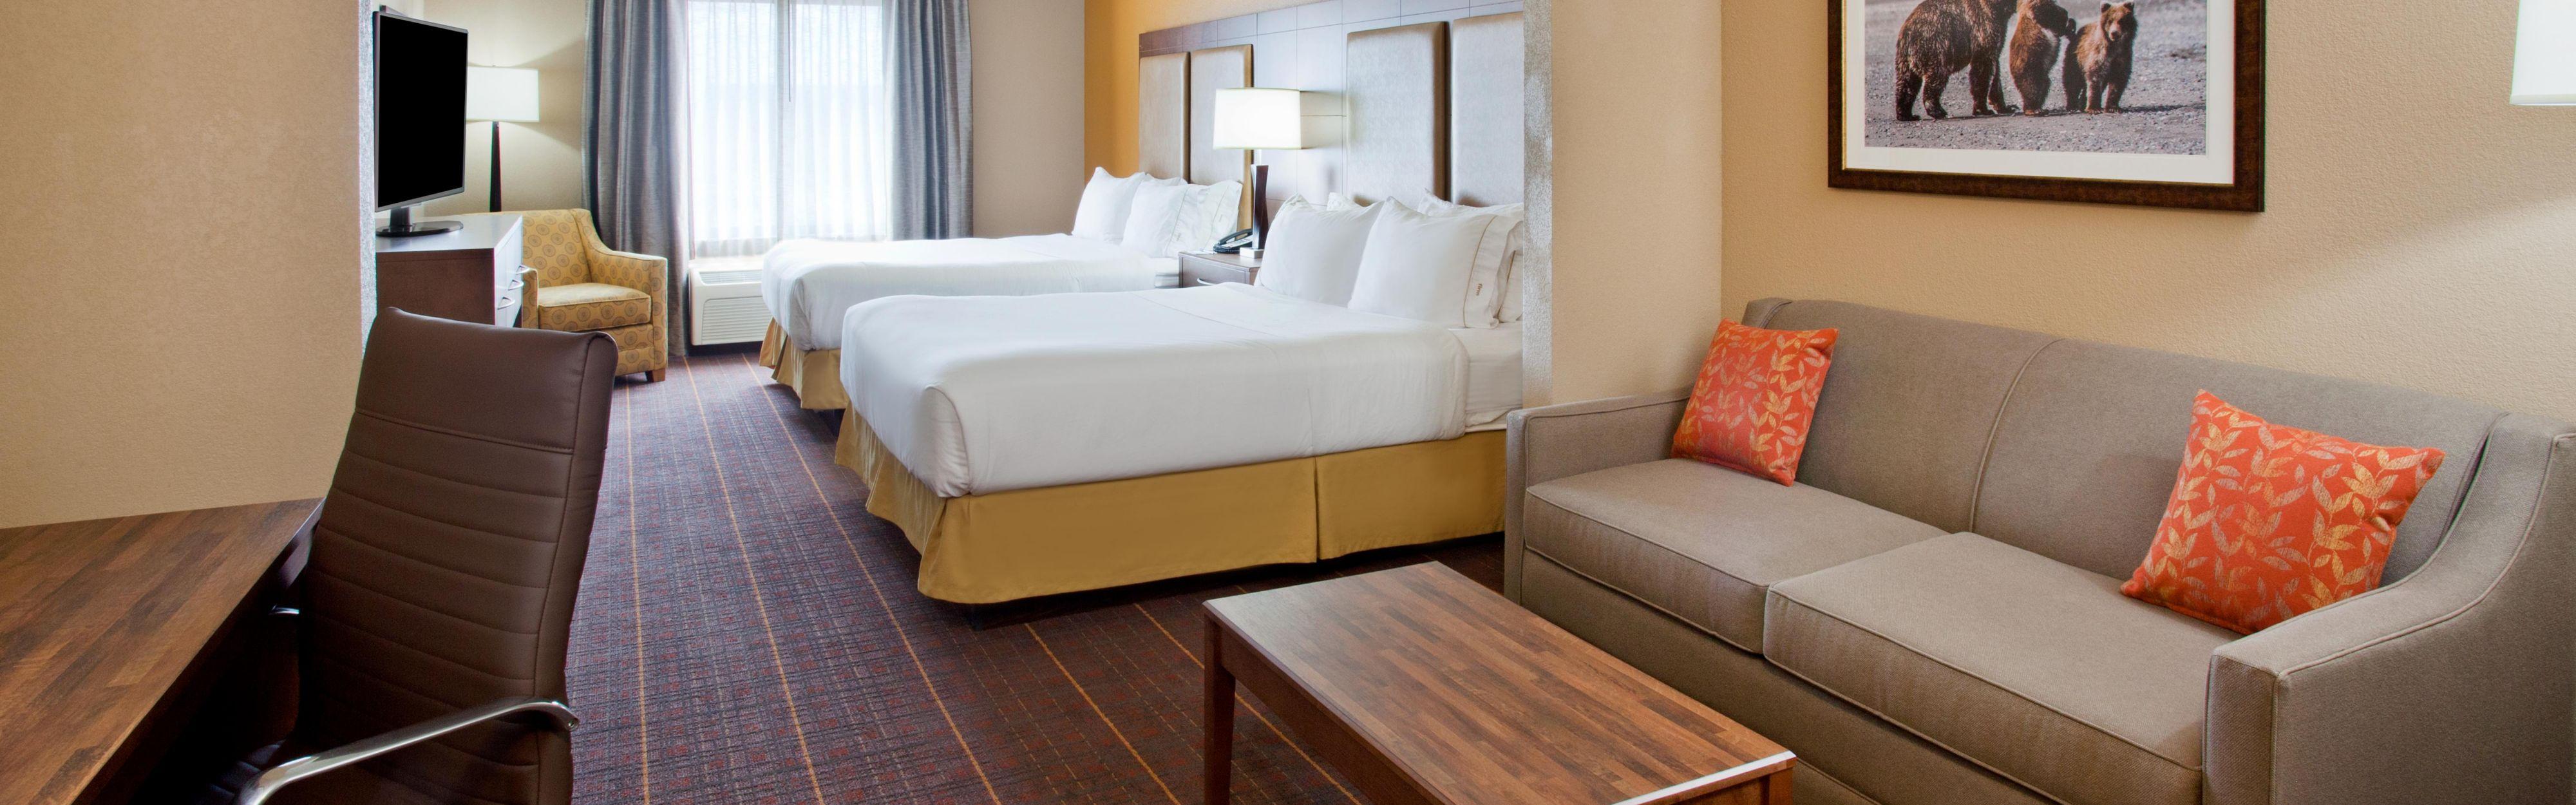 Holiday Inn Express Amp Suites Brainerd Baxter Baxter